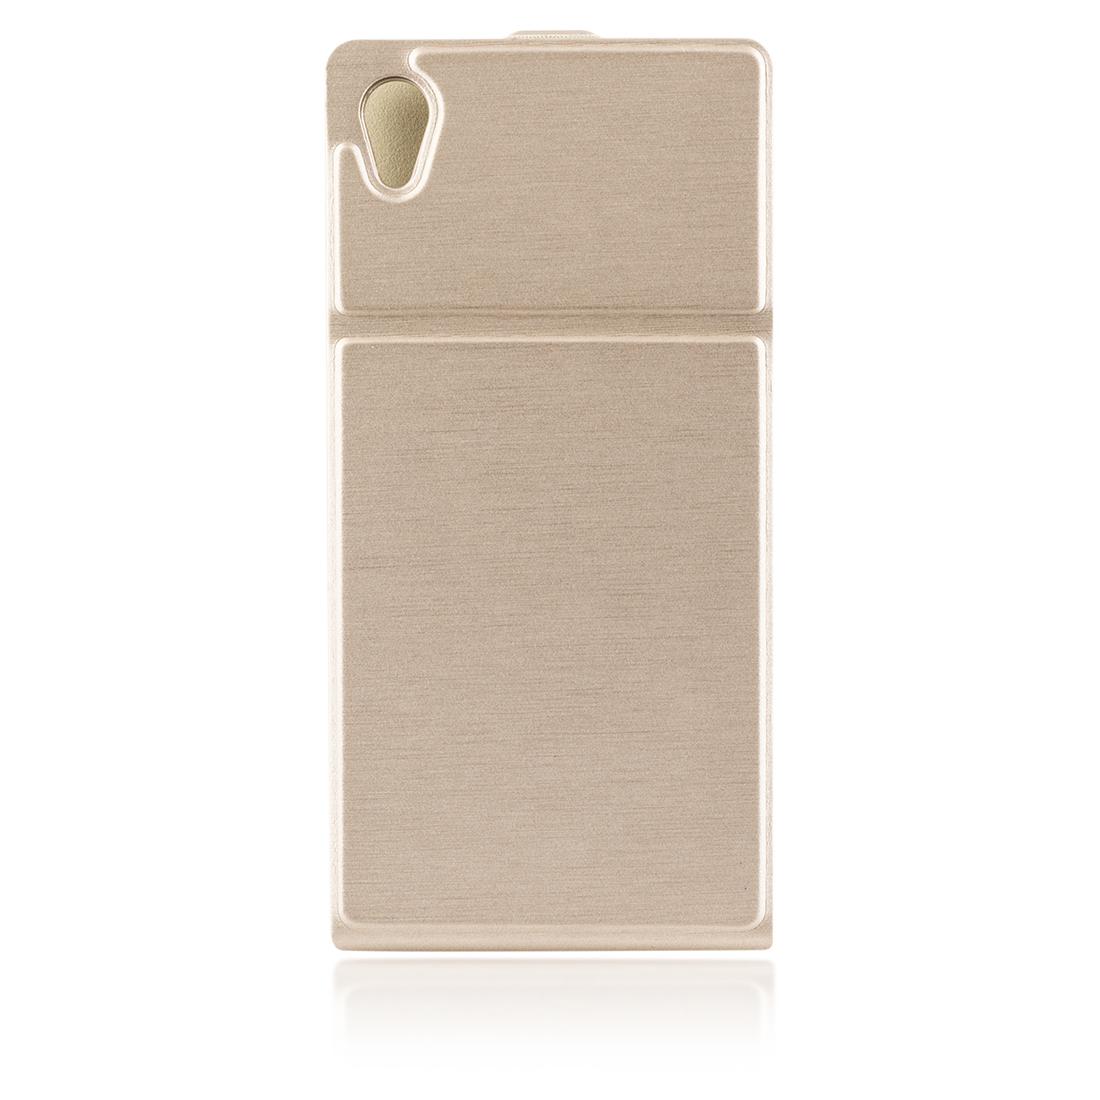 Флиппер золотистый для Xperia Z5 купить в Sony Centre Воронеж